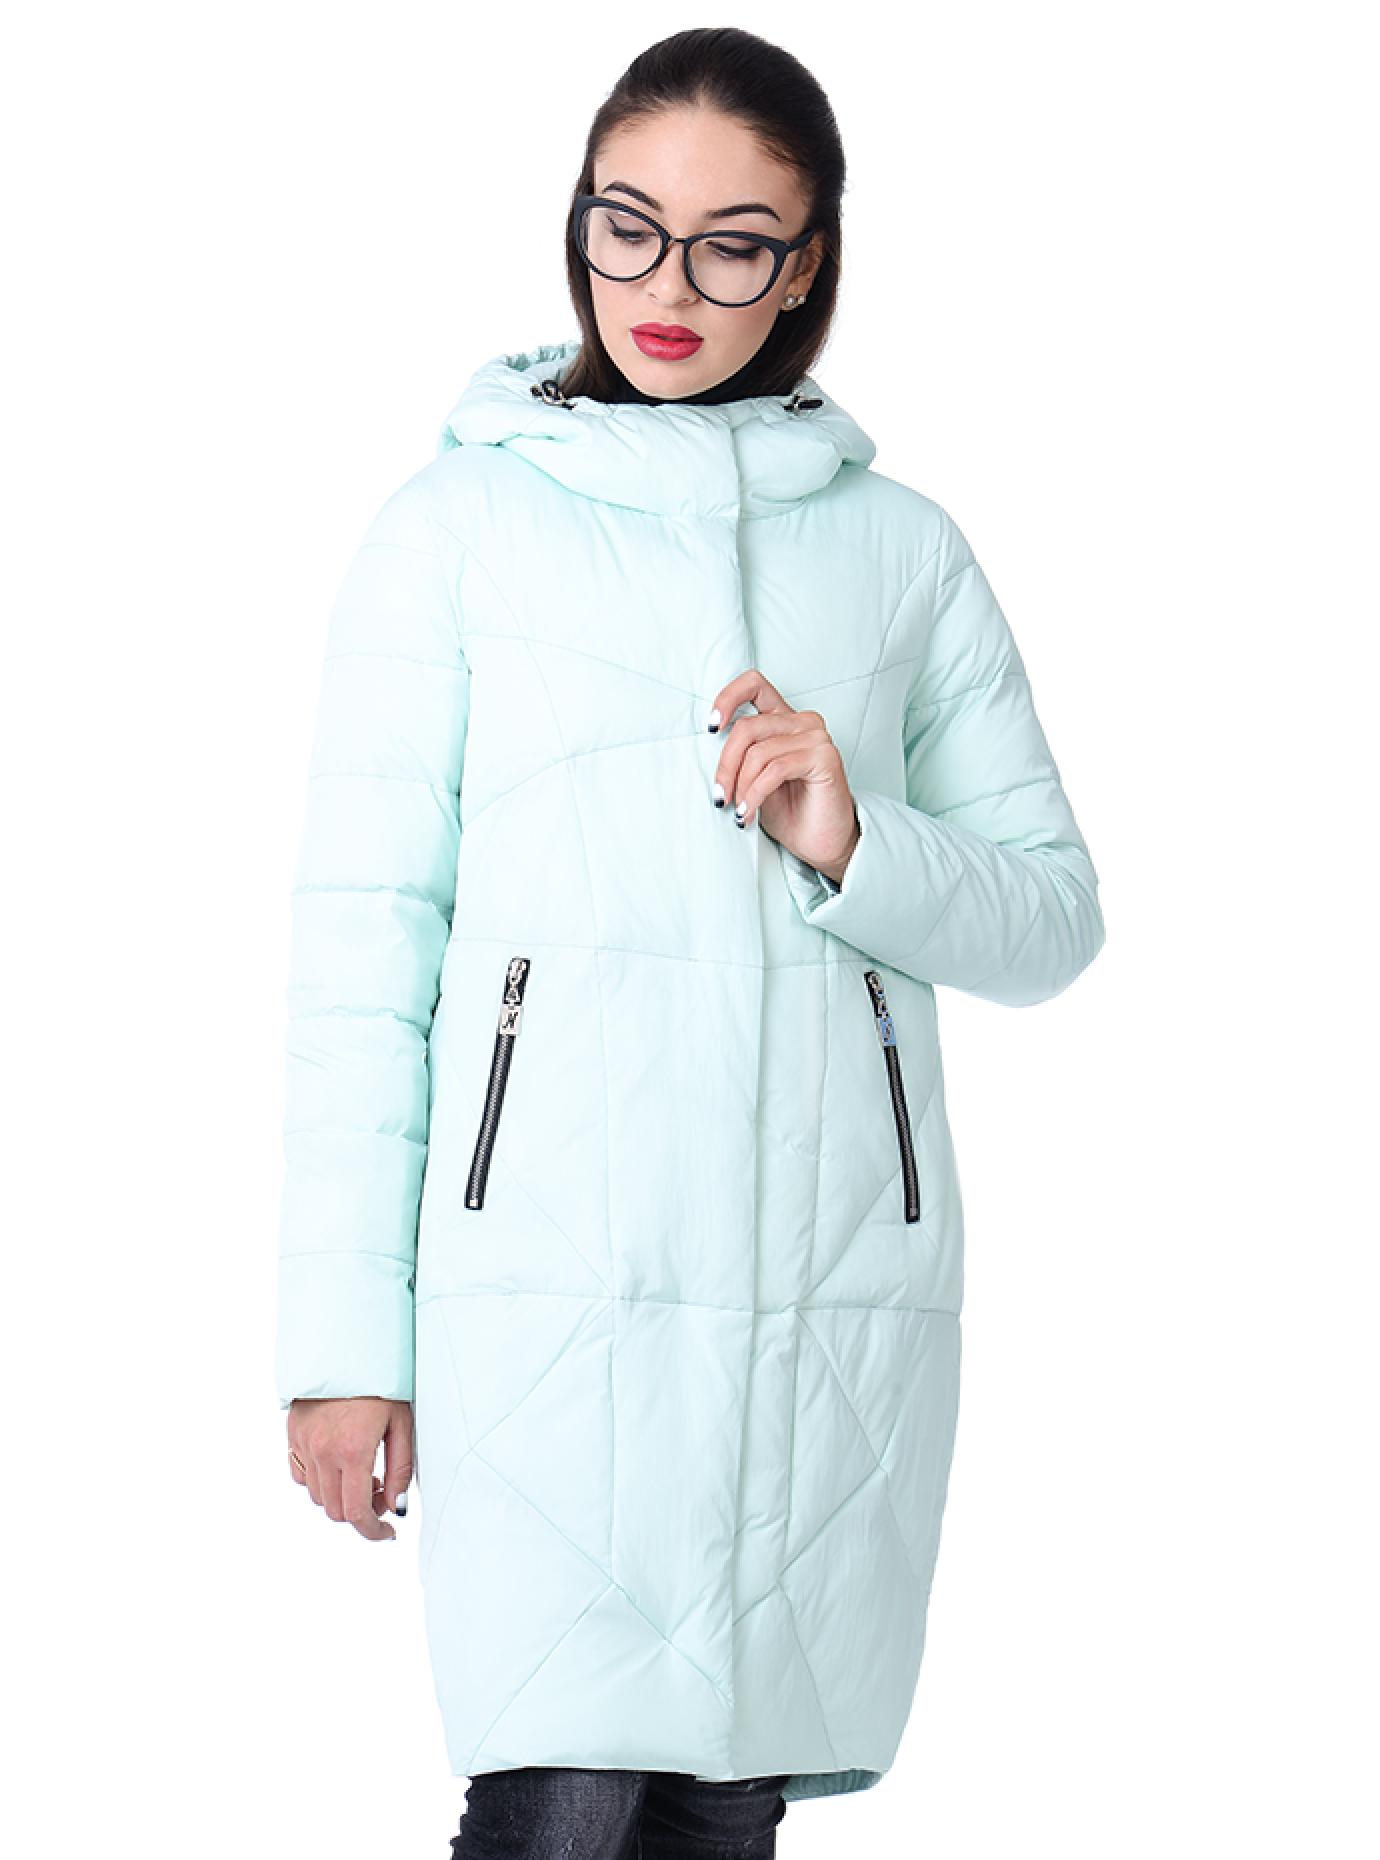 Куртка зимняя с удлиненной спинкой Голубой S (05-V191290): фото - Alster.ua